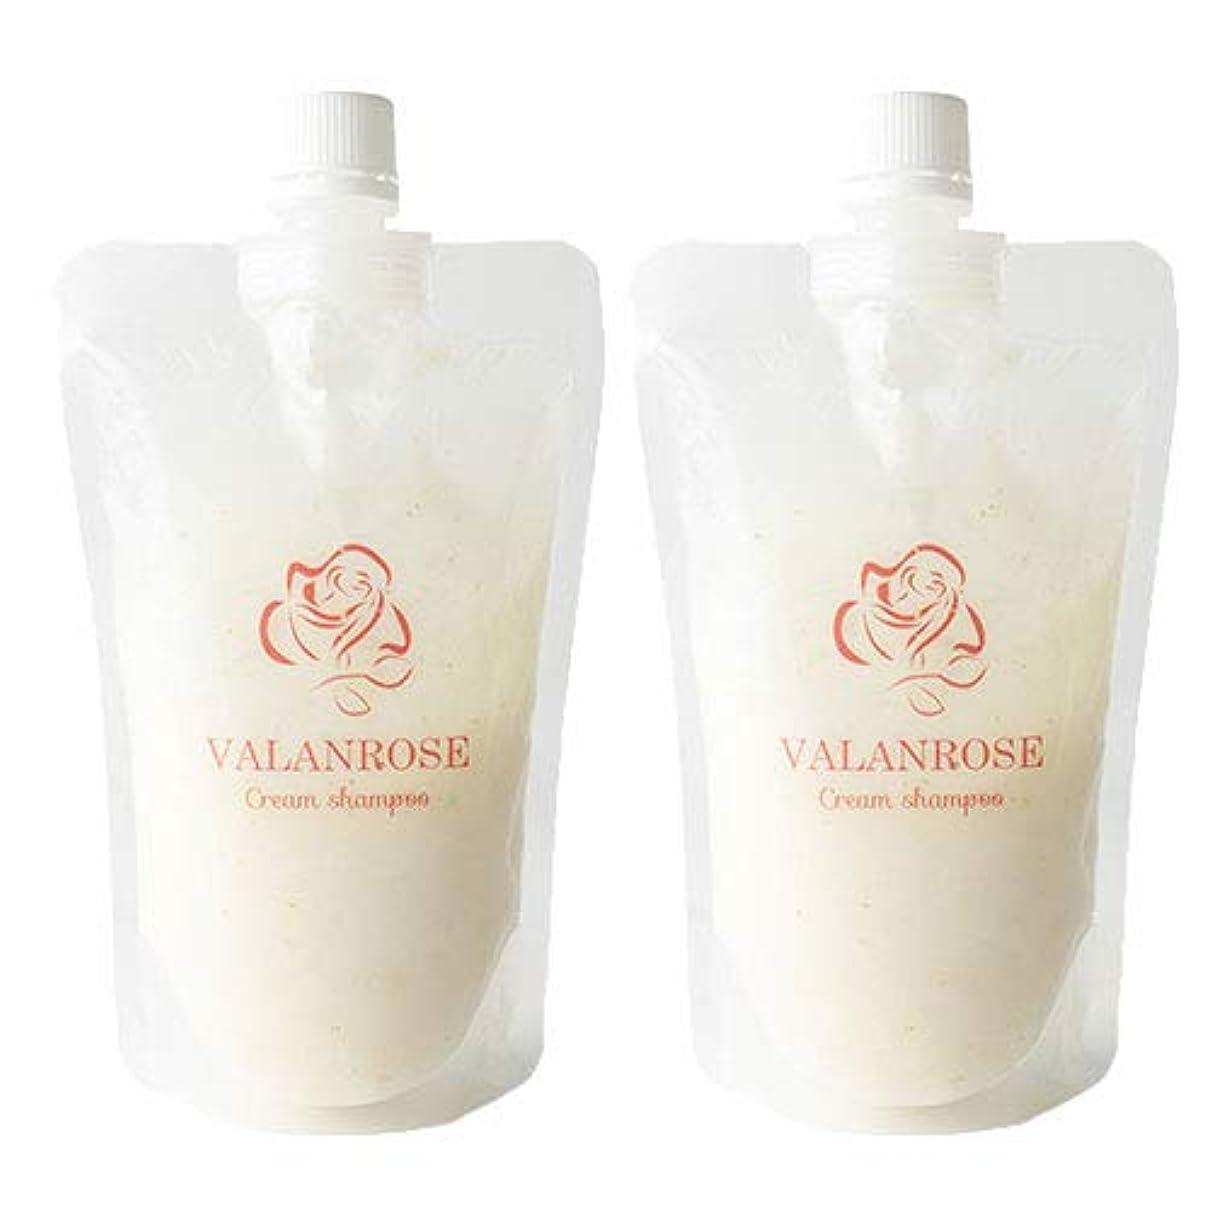 見習い分類するコウモリバランローズ クリームシャンプー2個×1セット VALANROSE Cream shampoo/シャンプー クリームシャンプー 髪 ヘアケア